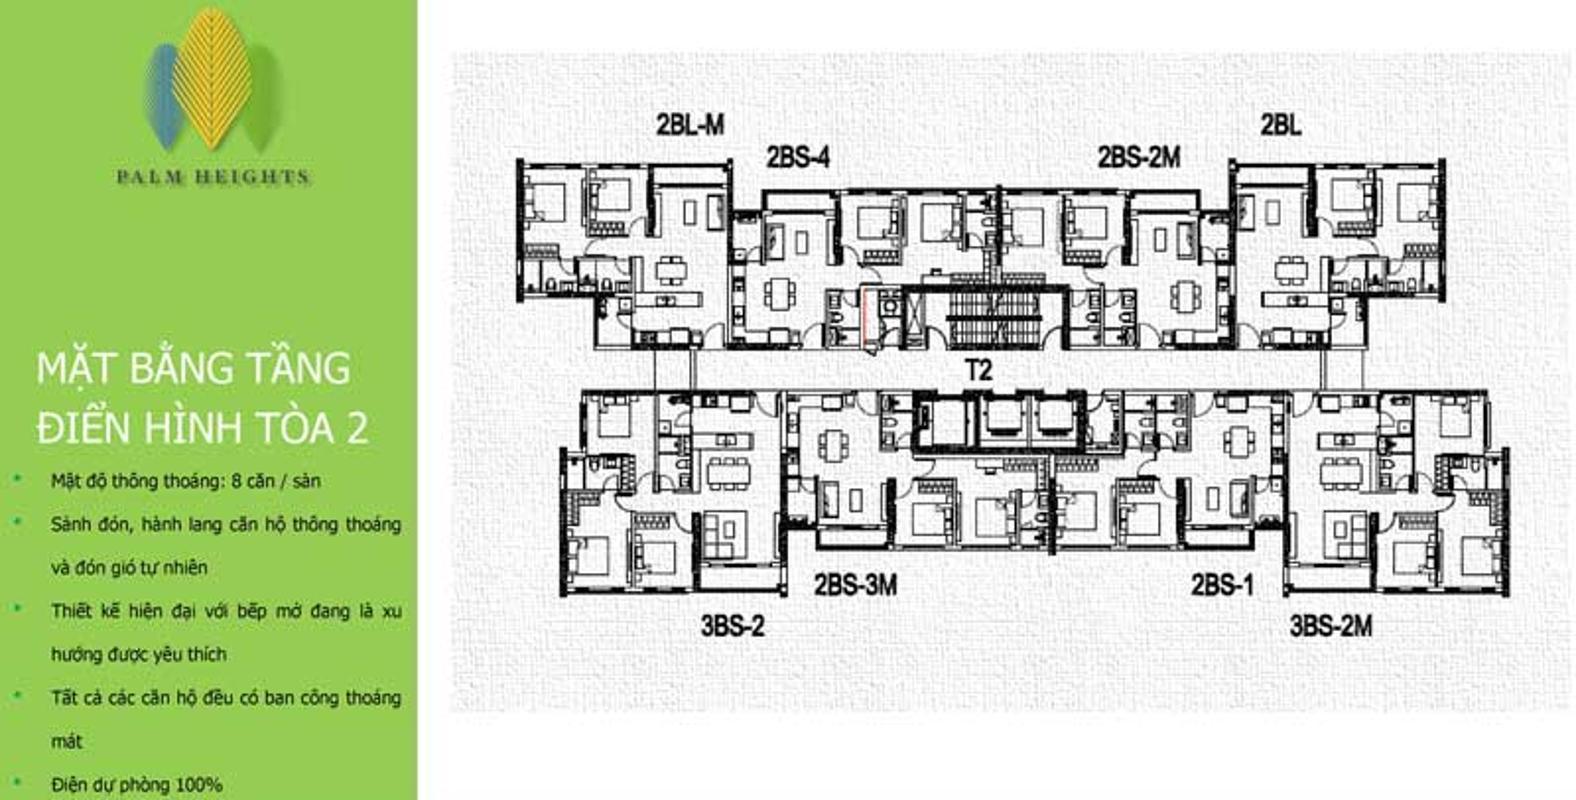 mat-bang-toa-2-chung-cu-palm-heights Bán căn hộ Palm Heights 2PN, tầng trung, diện tích 75m2, nội thất cơ bản